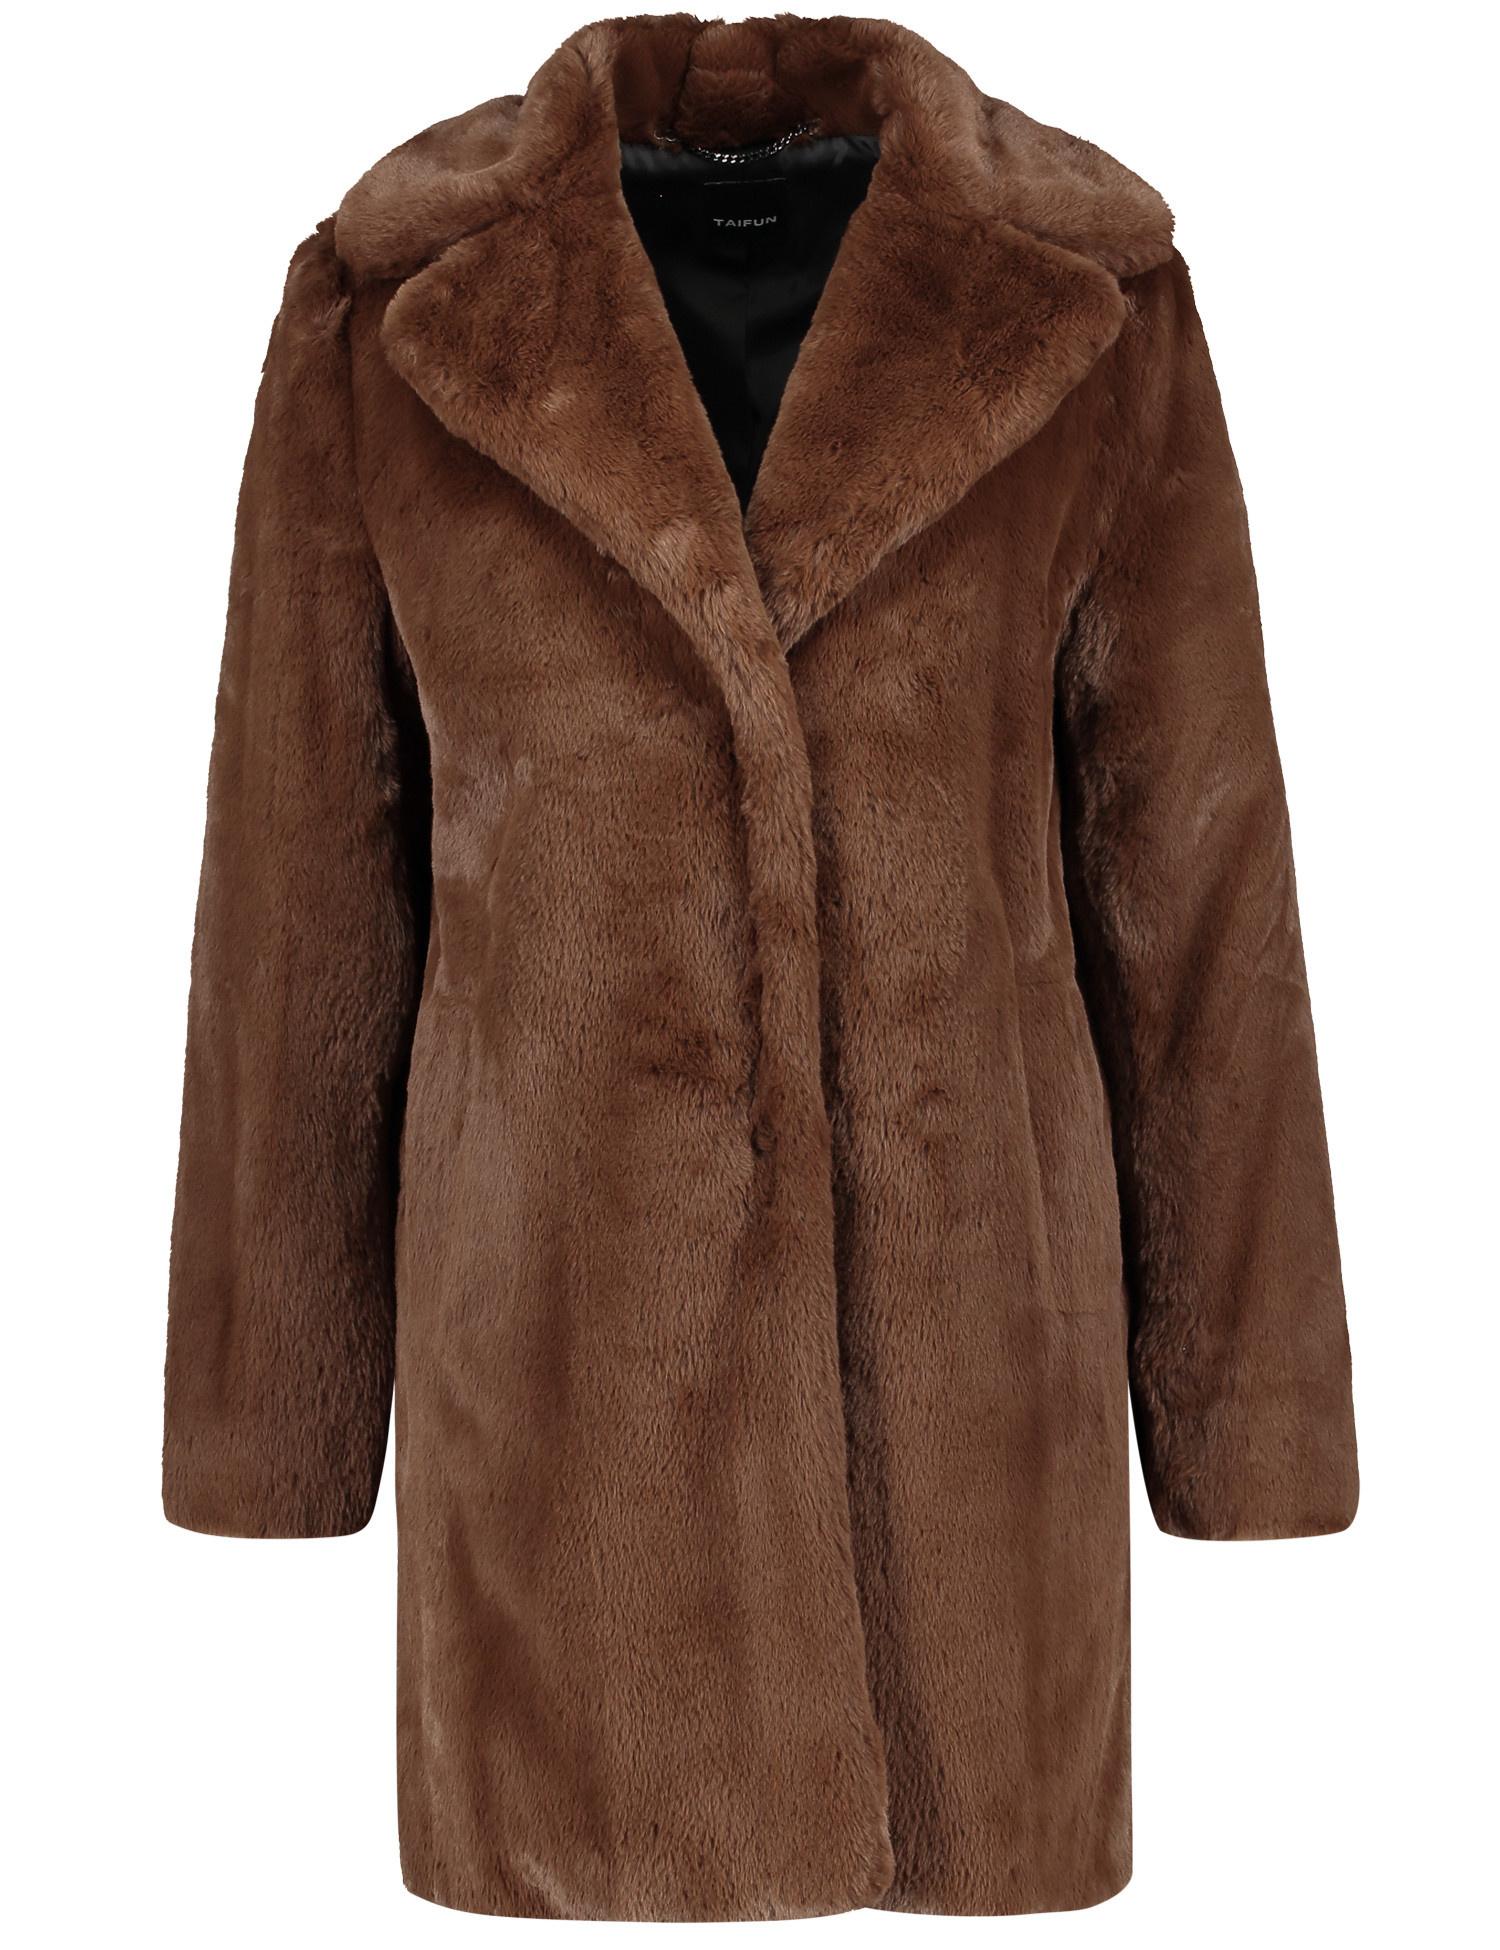 TAIFUN manteau en fausse fourrure douce court-1